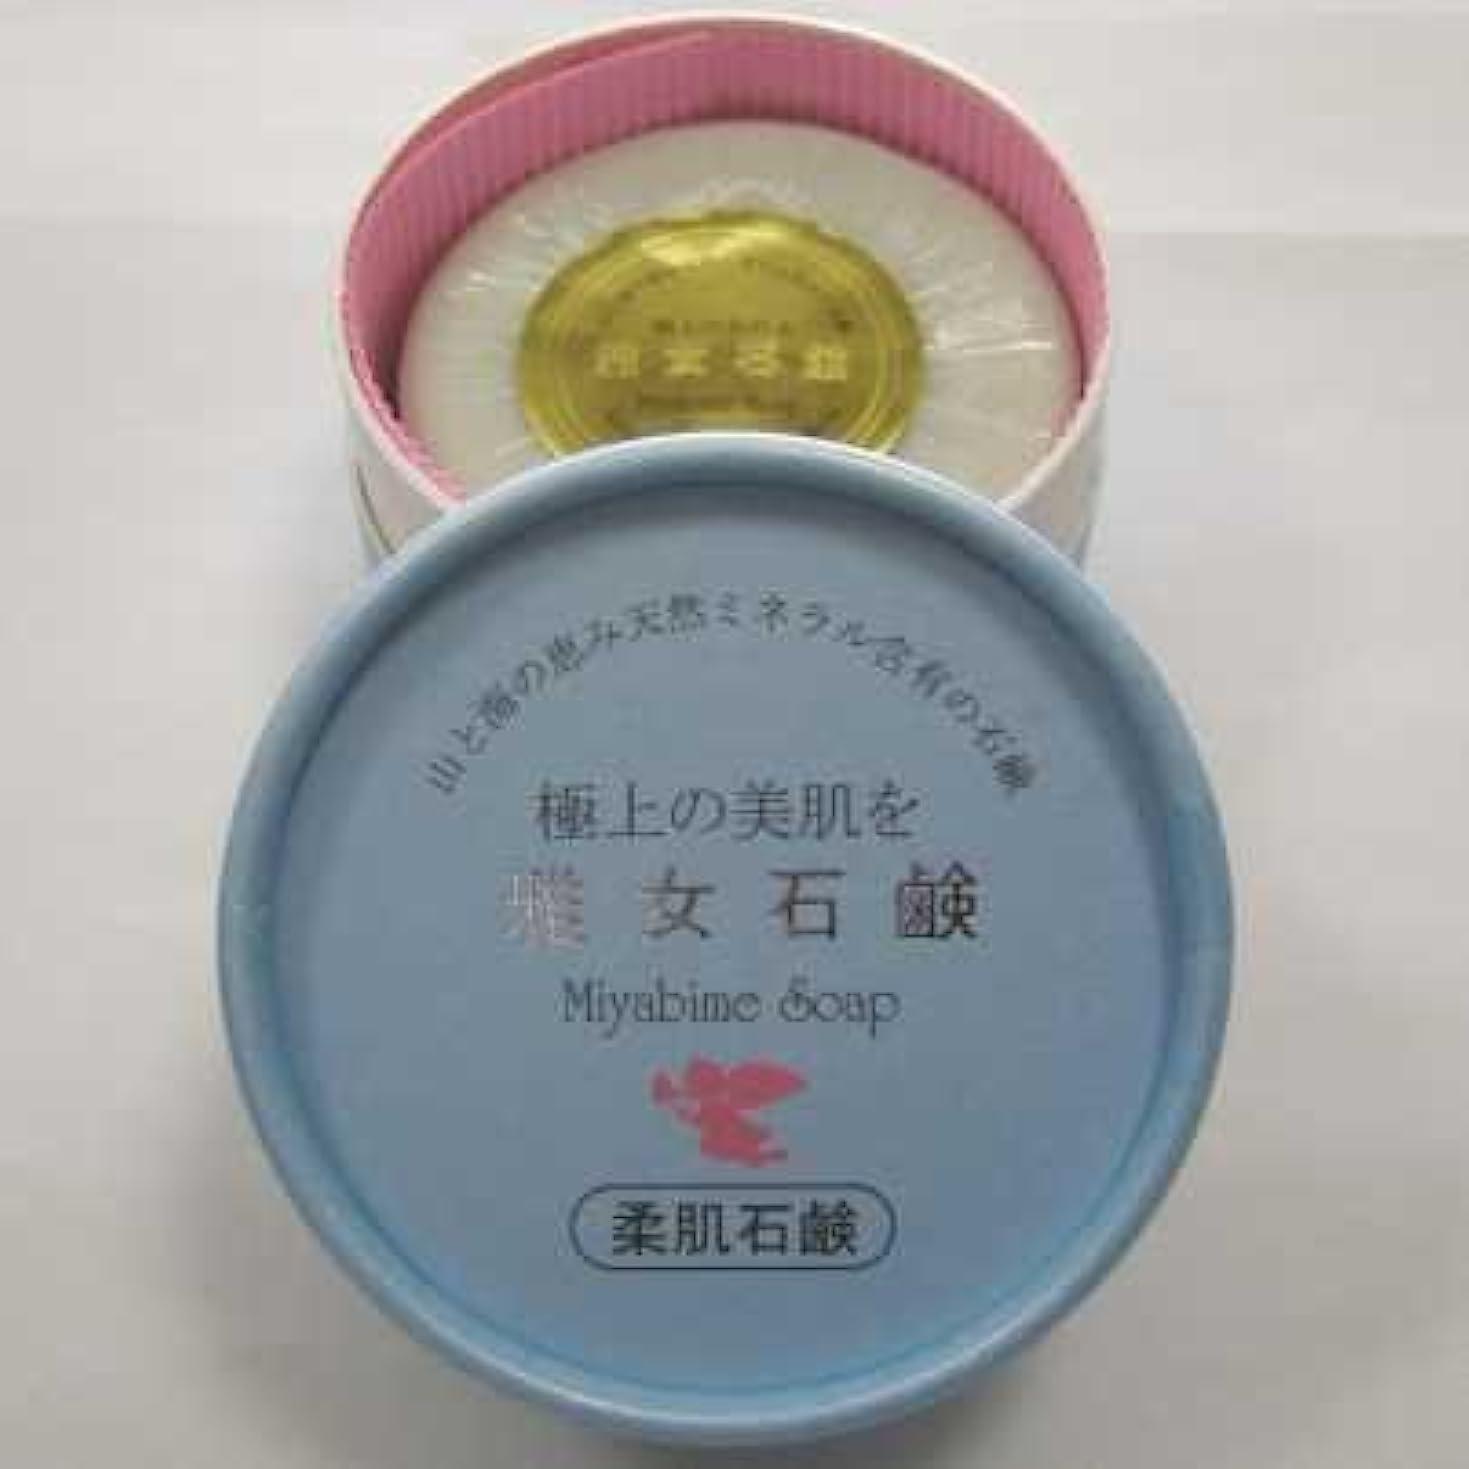 野心思想安心雅女石鹸(Miyabime Soap)